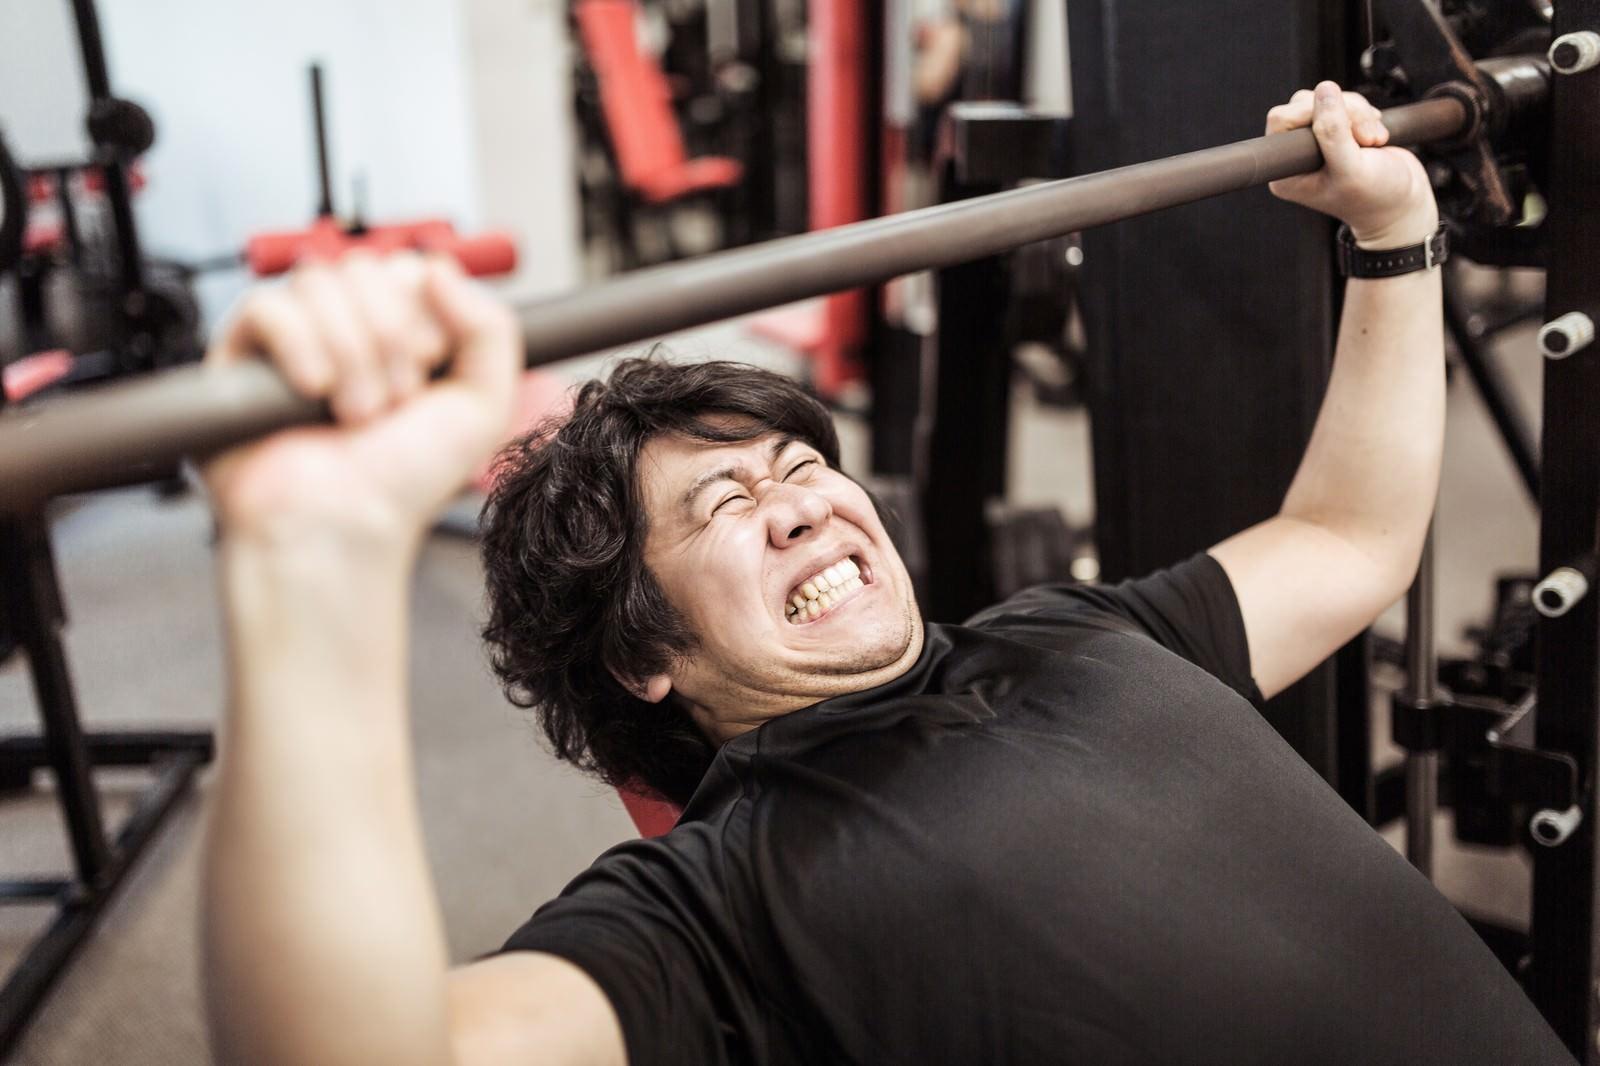 「インクラインベンチプレスで大胸筋上部を鍛えるトレーニーインクラインベンチプレスで大胸筋上部を鍛えるトレーニー」[モデル:朽木誠一郎]のフリー写真素材